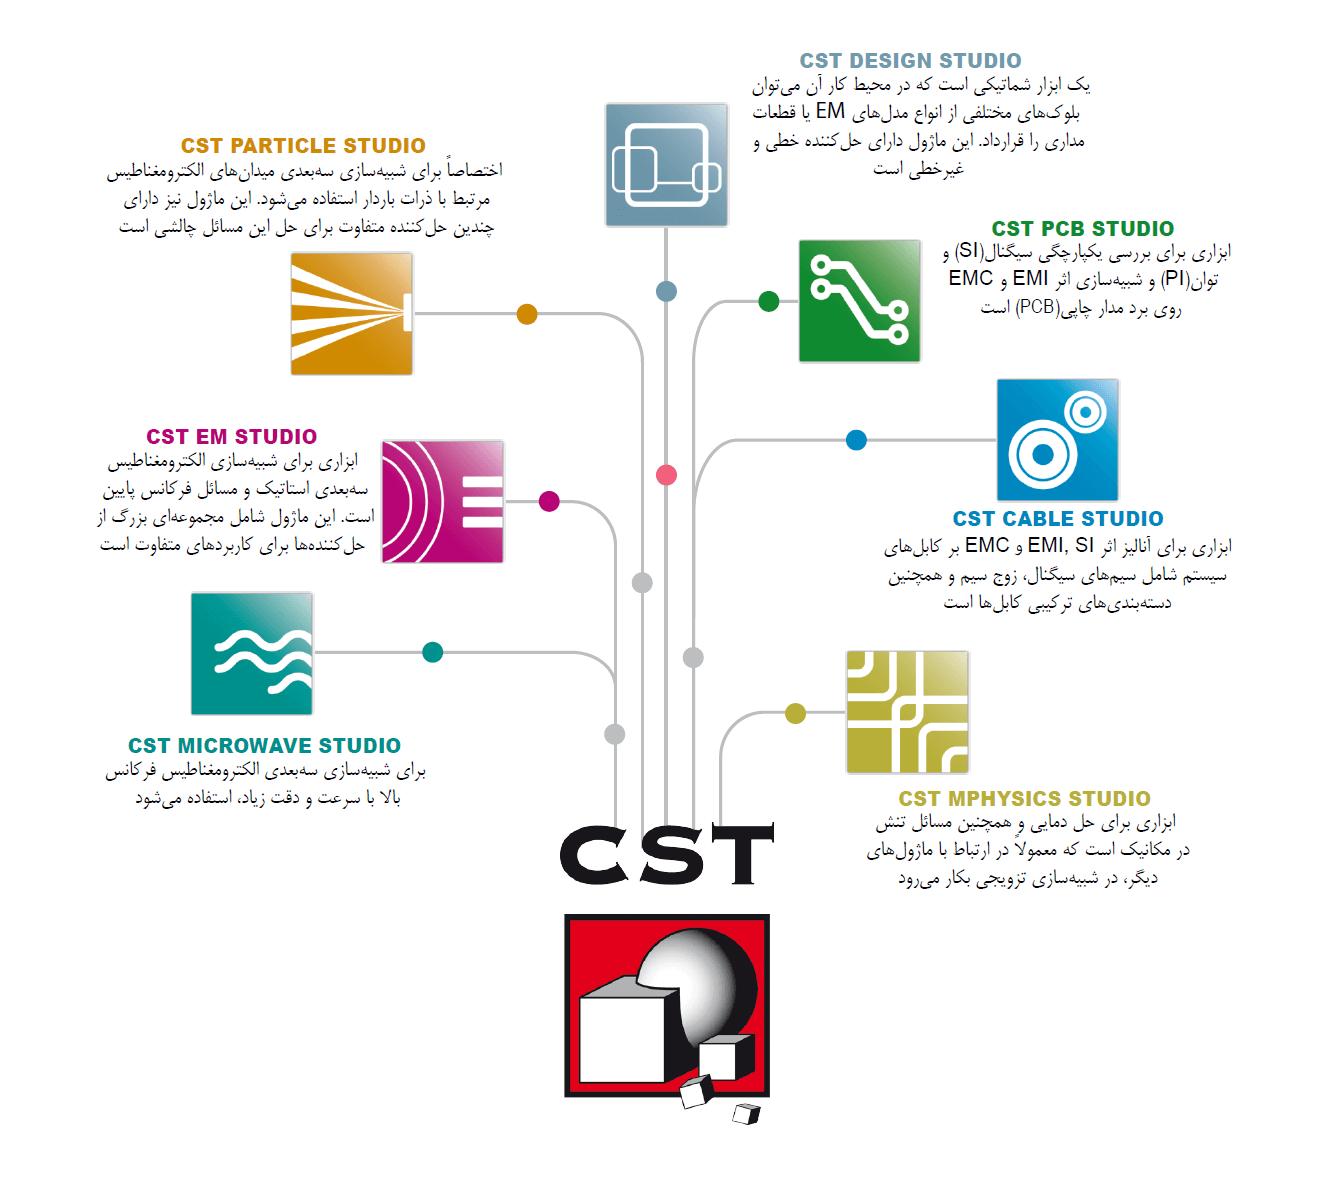 ماژولهای نرمافزار CST